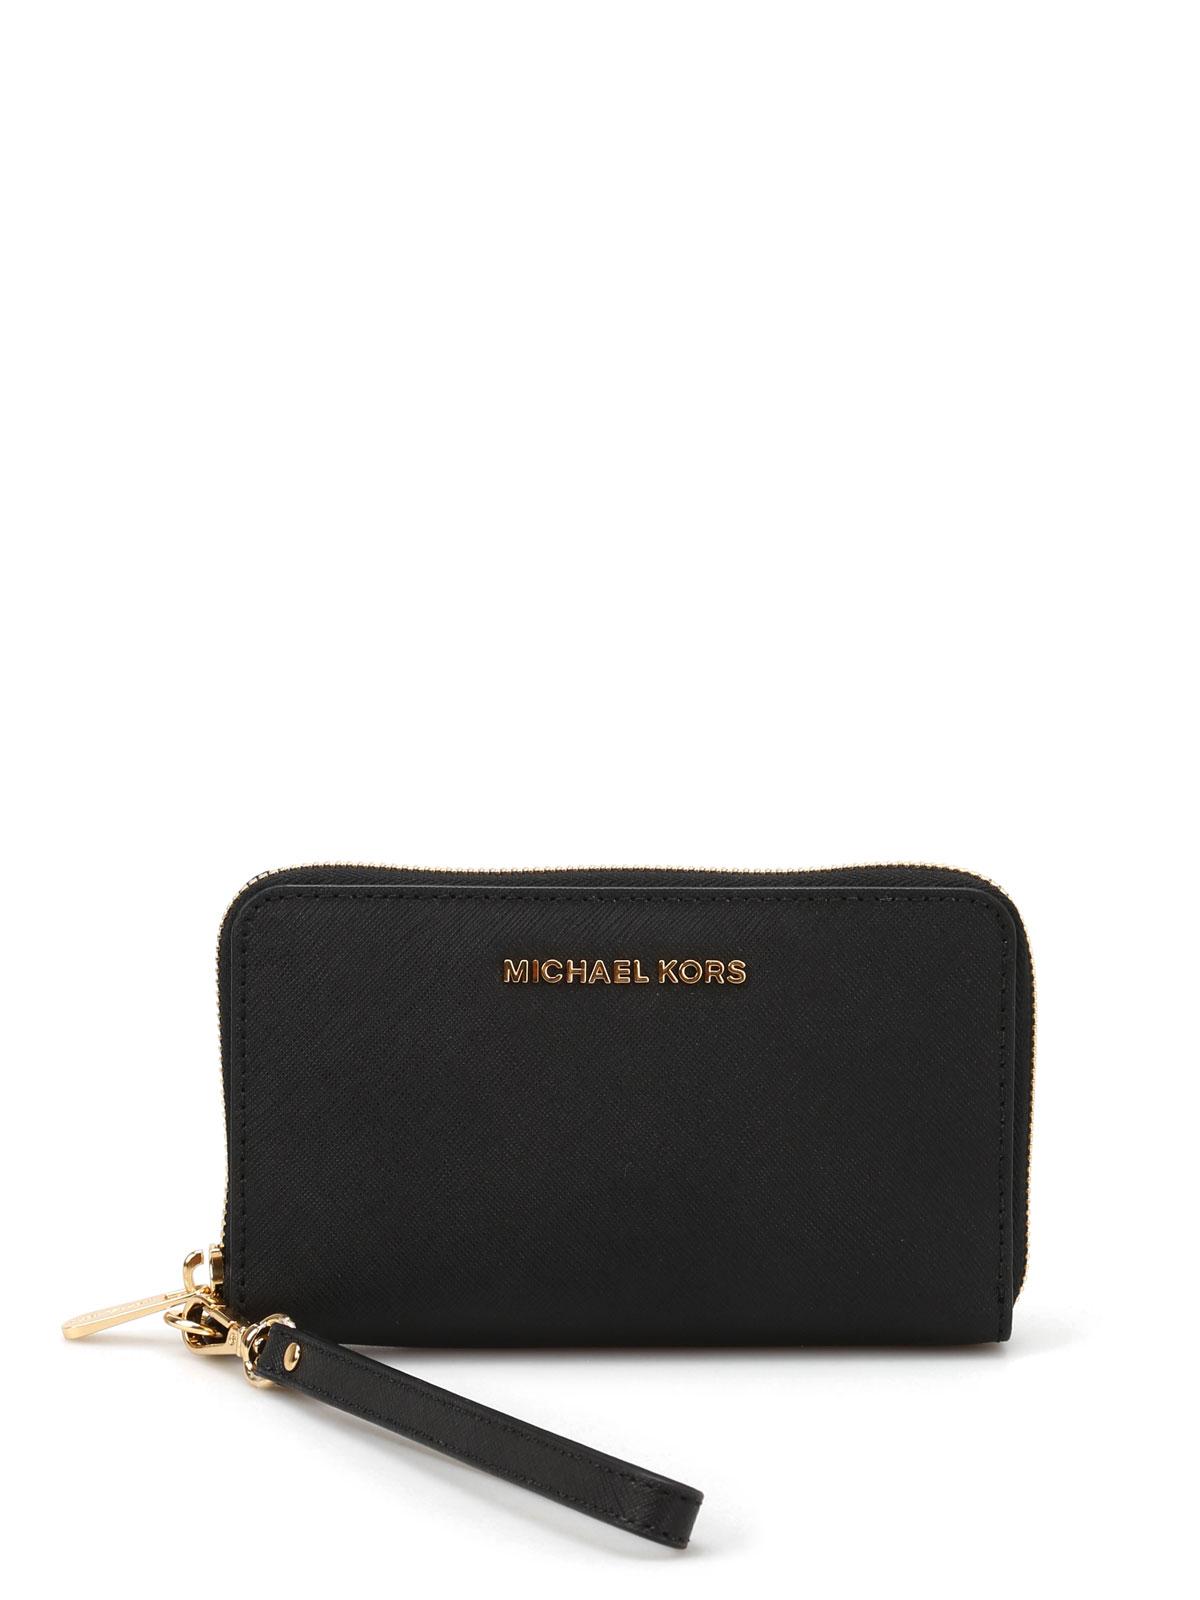 jet set travel wallet by michael kors wallets purses. Black Bedroom Furniture Sets. Home Design Ideas